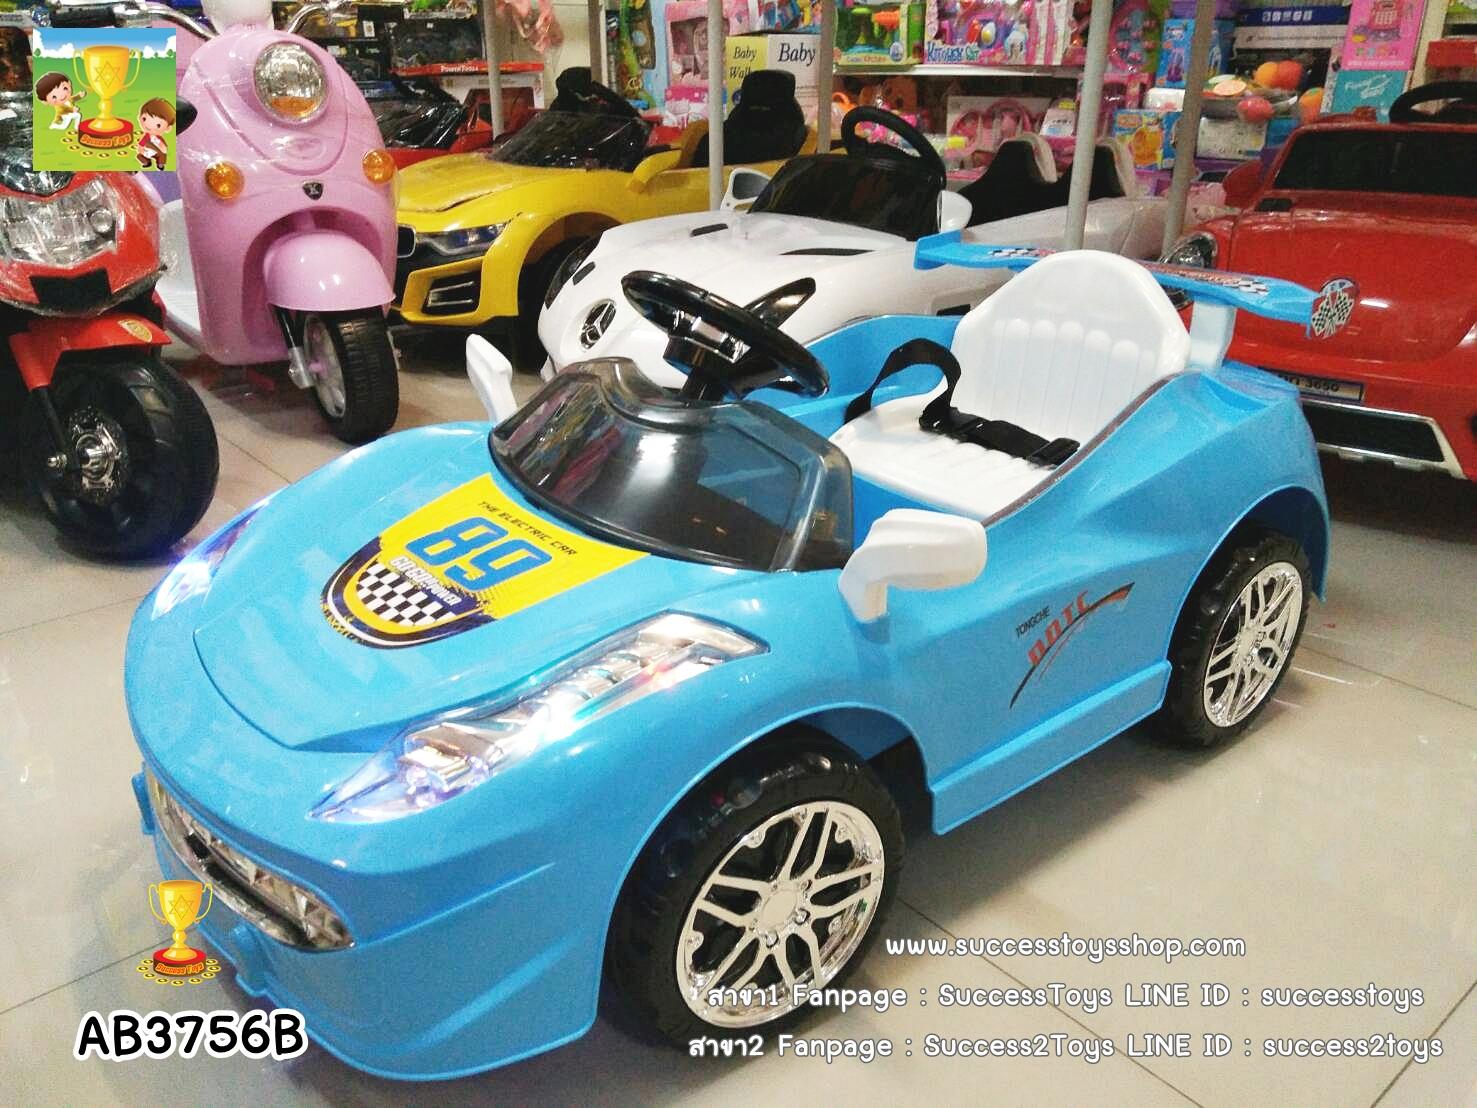 AB3756B รถสปอร์ตเด็กนั่งไฟฟ้าสีฟ้า 1 มอเตอร์